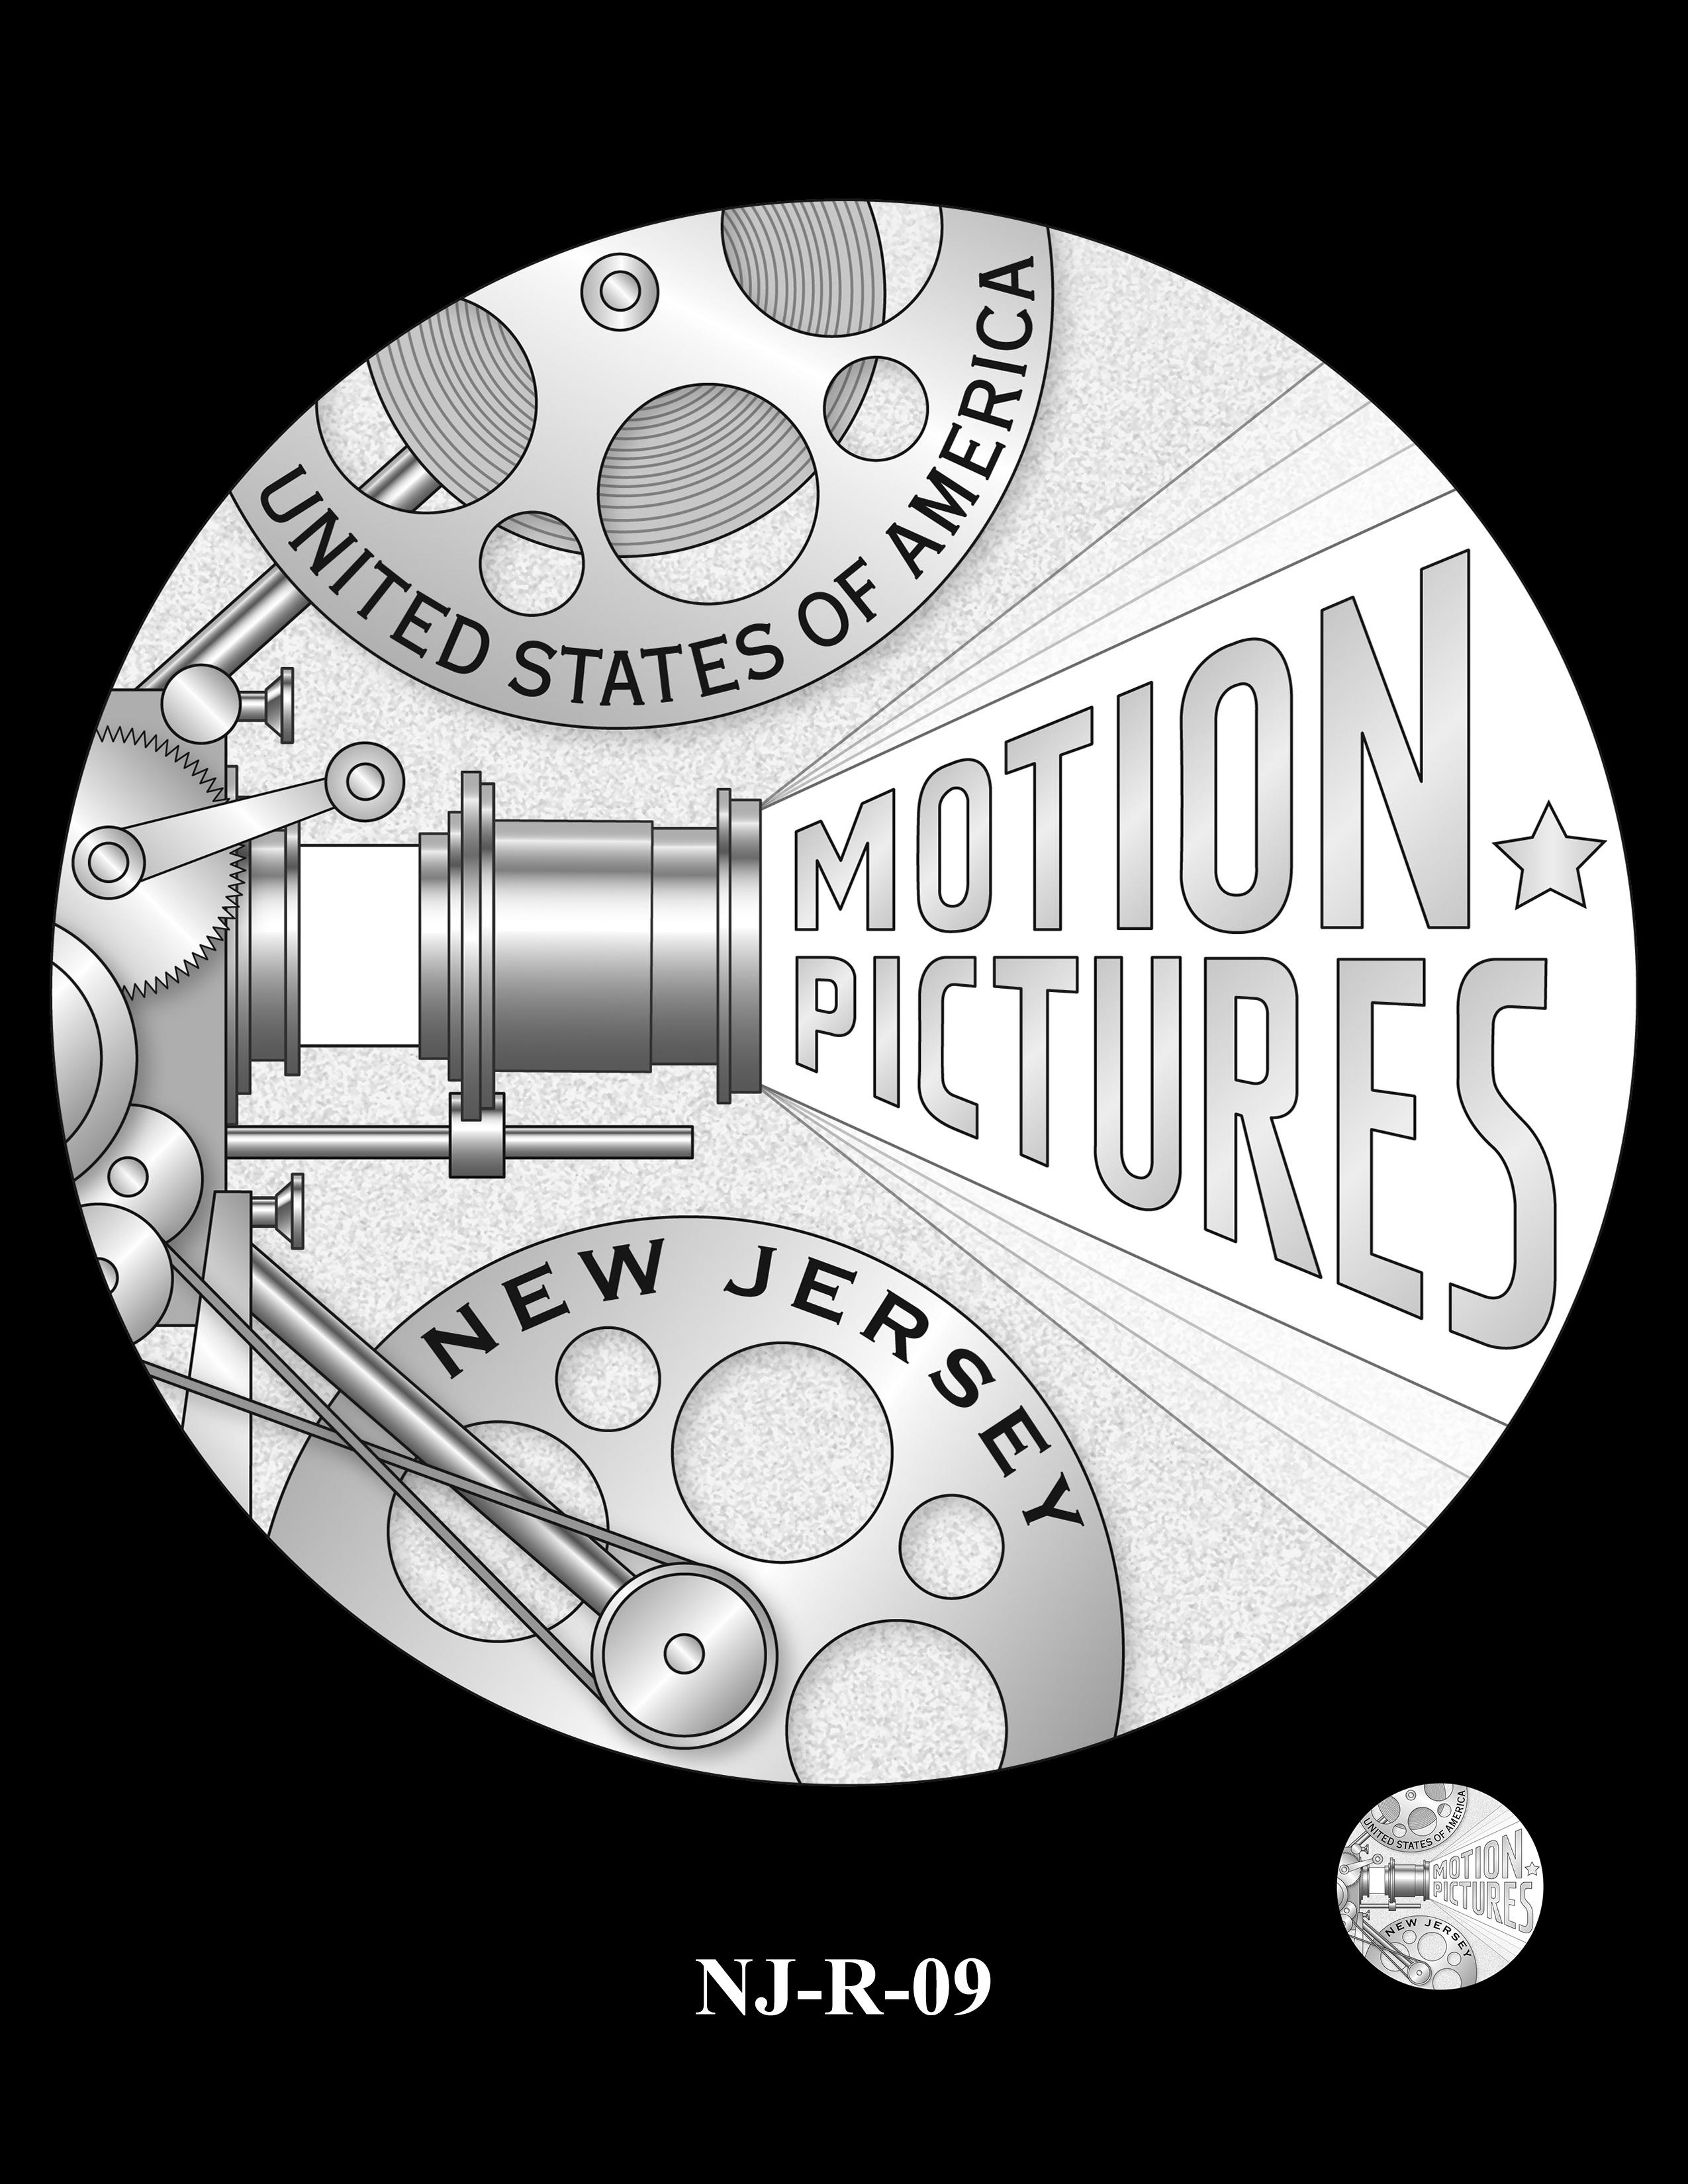 NJ-R-09 -- 2019 American Innovation $1 Coin Program